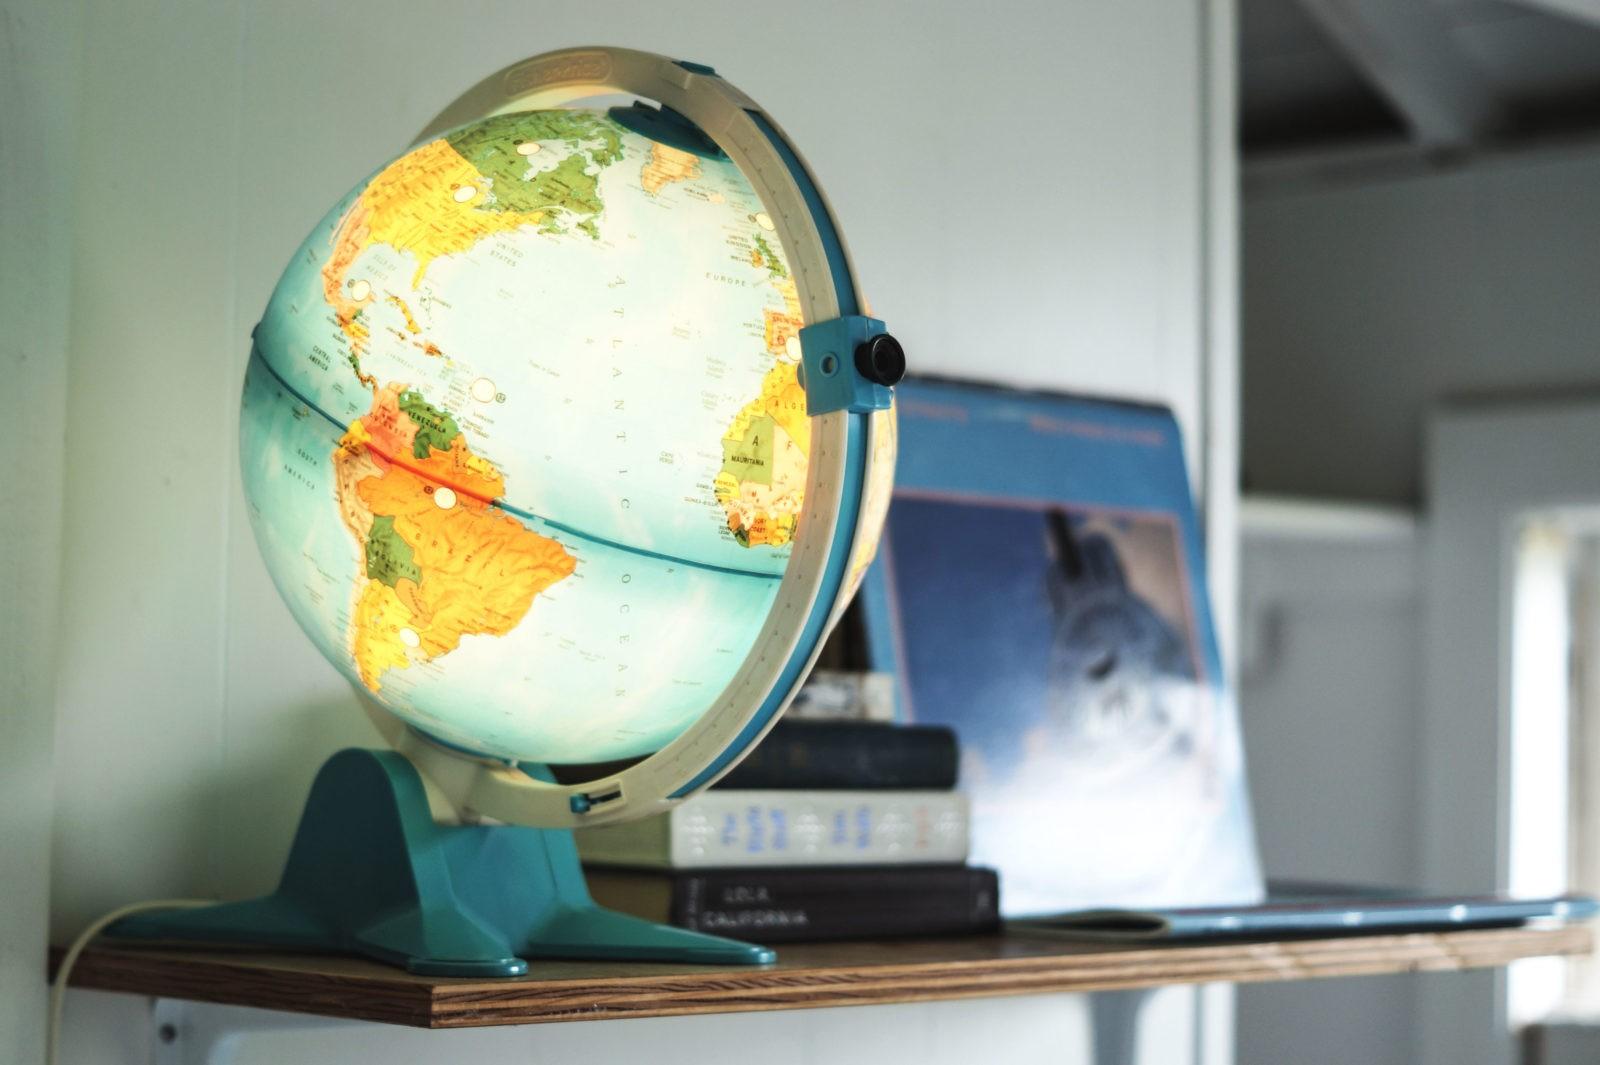 Hotel Review Lincolnville Motel Maine USA Travel Plattenspieler Erfahrung Einrichtung Globus